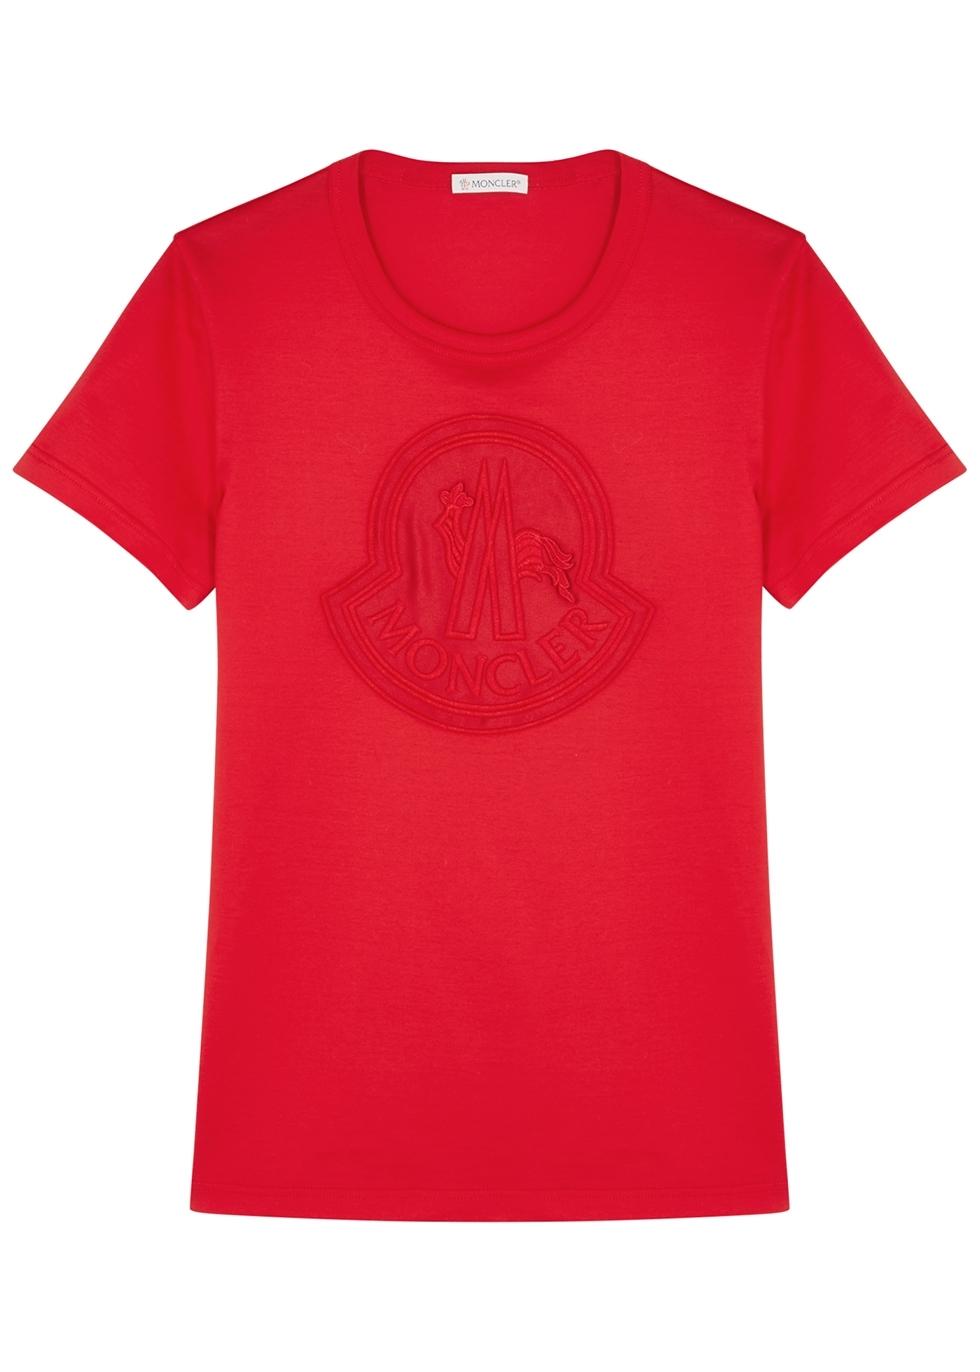 a9998276 Women's Designer T-Shirts - Cotton, Linen & Striped - Harvey Nichols